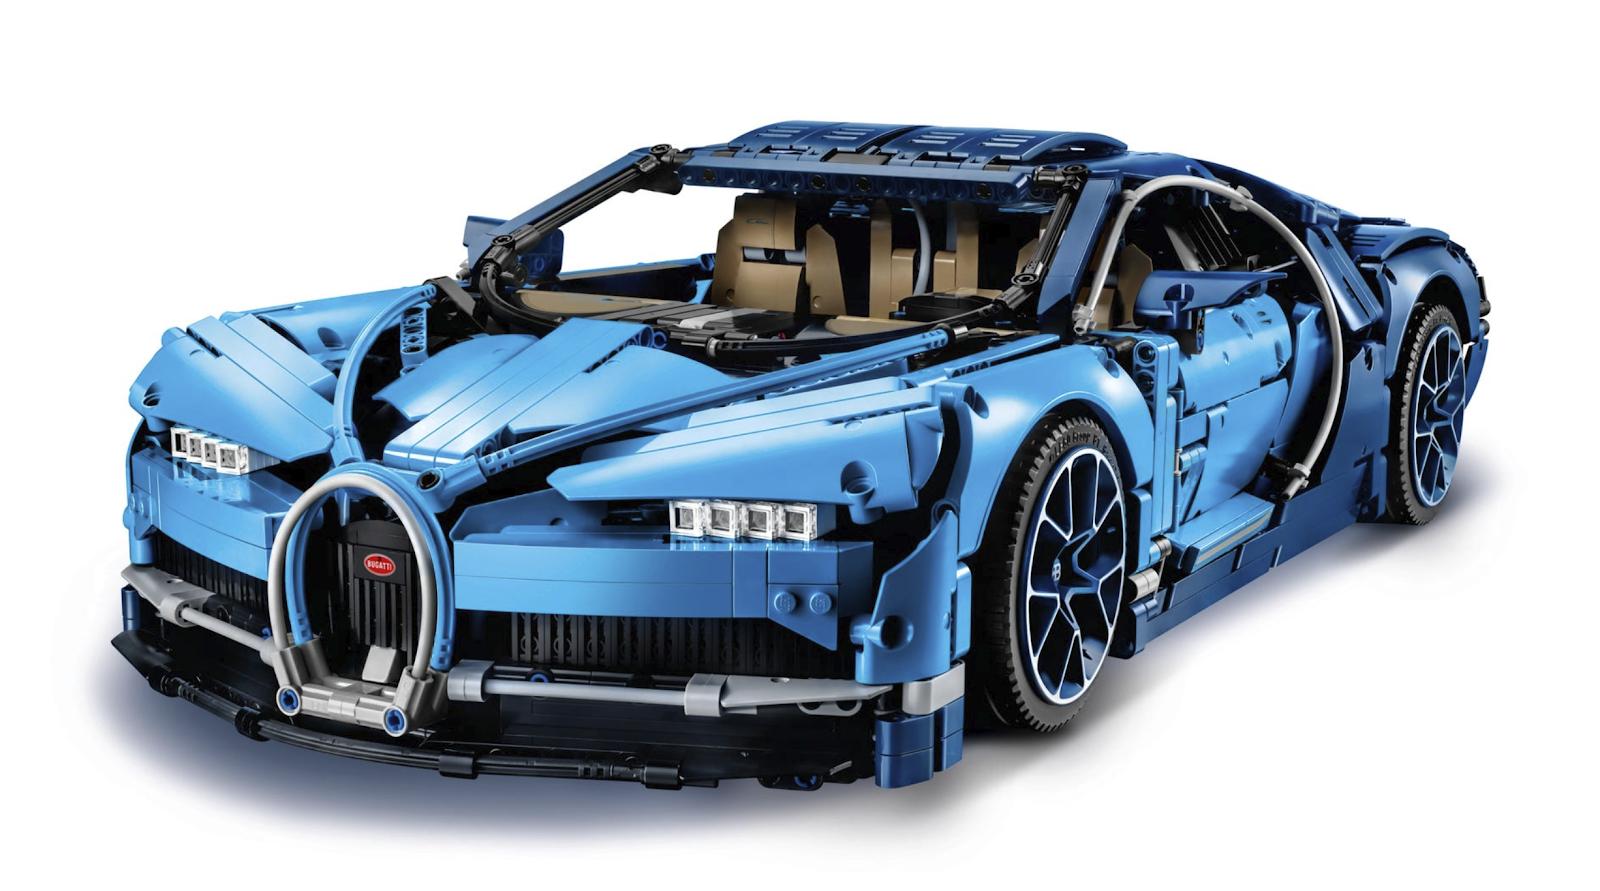 布加迪威龙 Bugatti Chiron(42083)